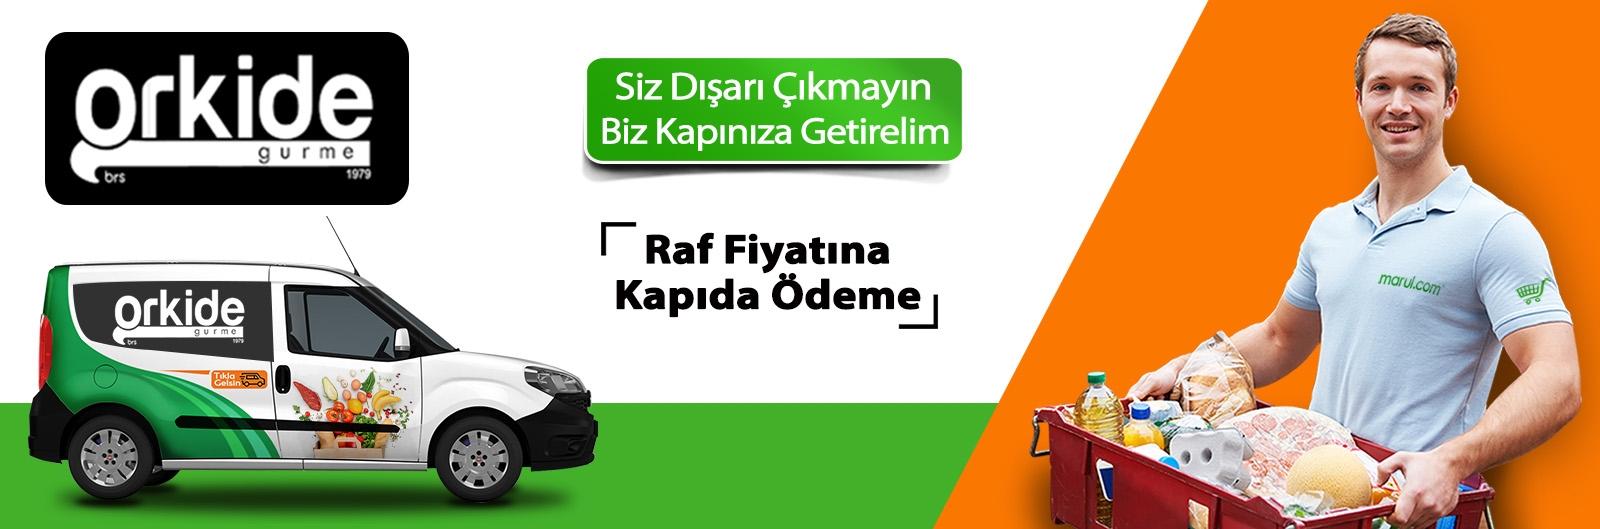 Antalya Konyaaltı orkide online market siparişi